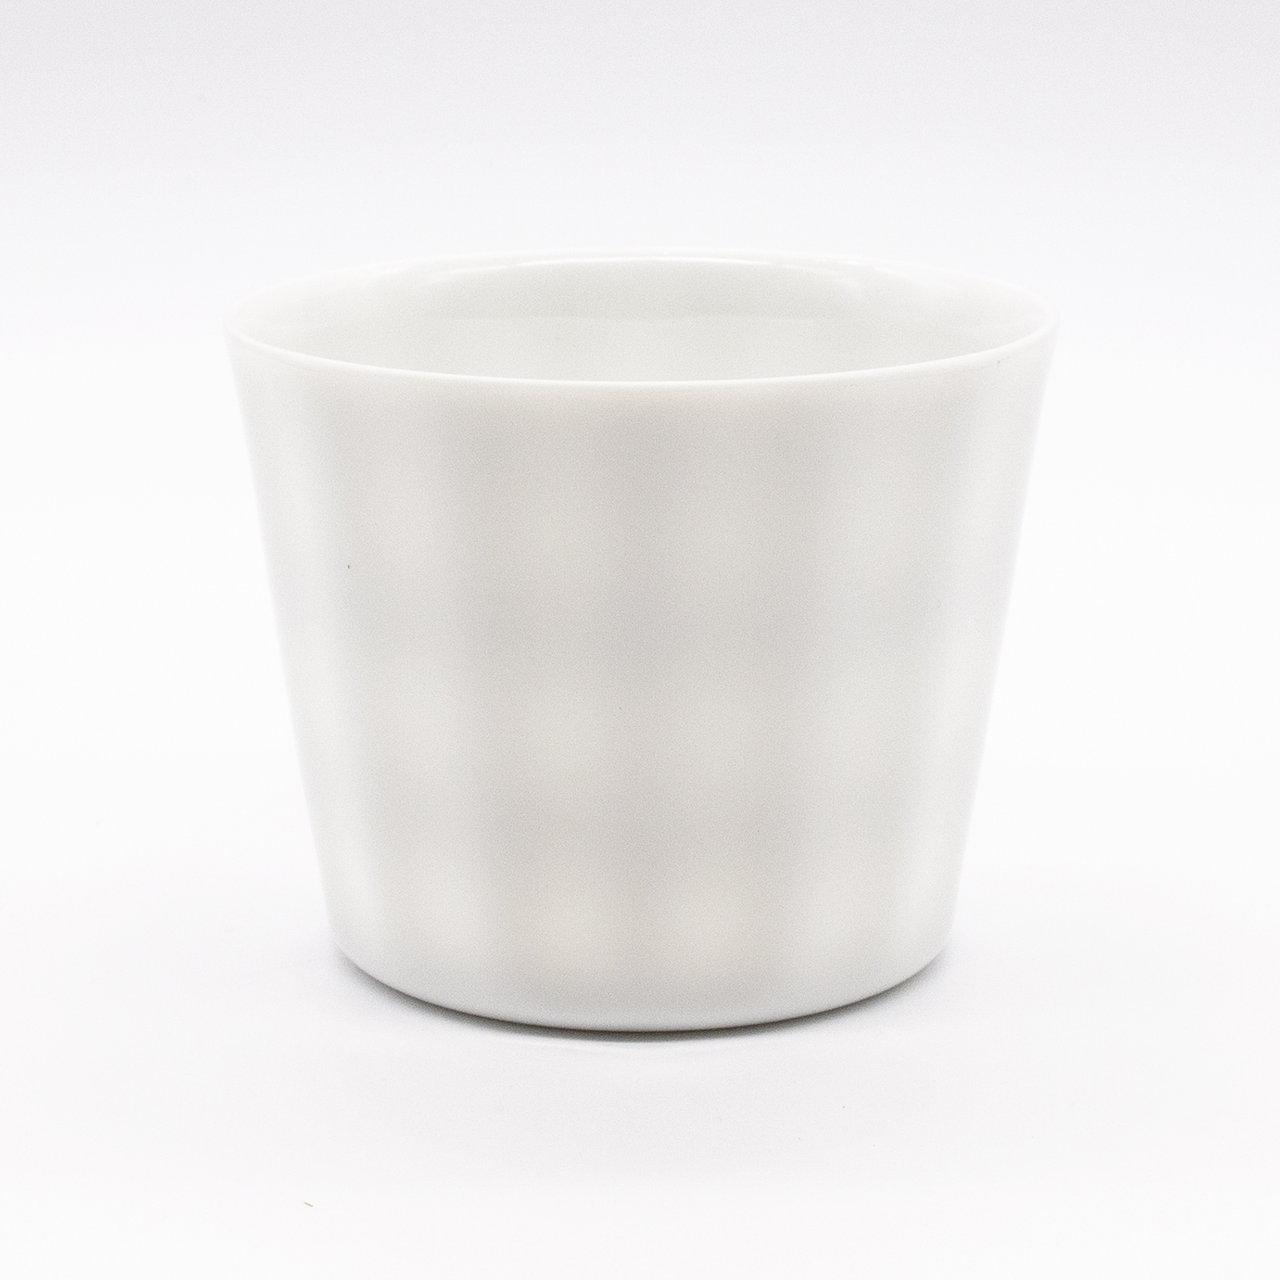 【限定1点 アウトレット品】美濃焼 frill フリーカップ 白 254209 豆豆市168